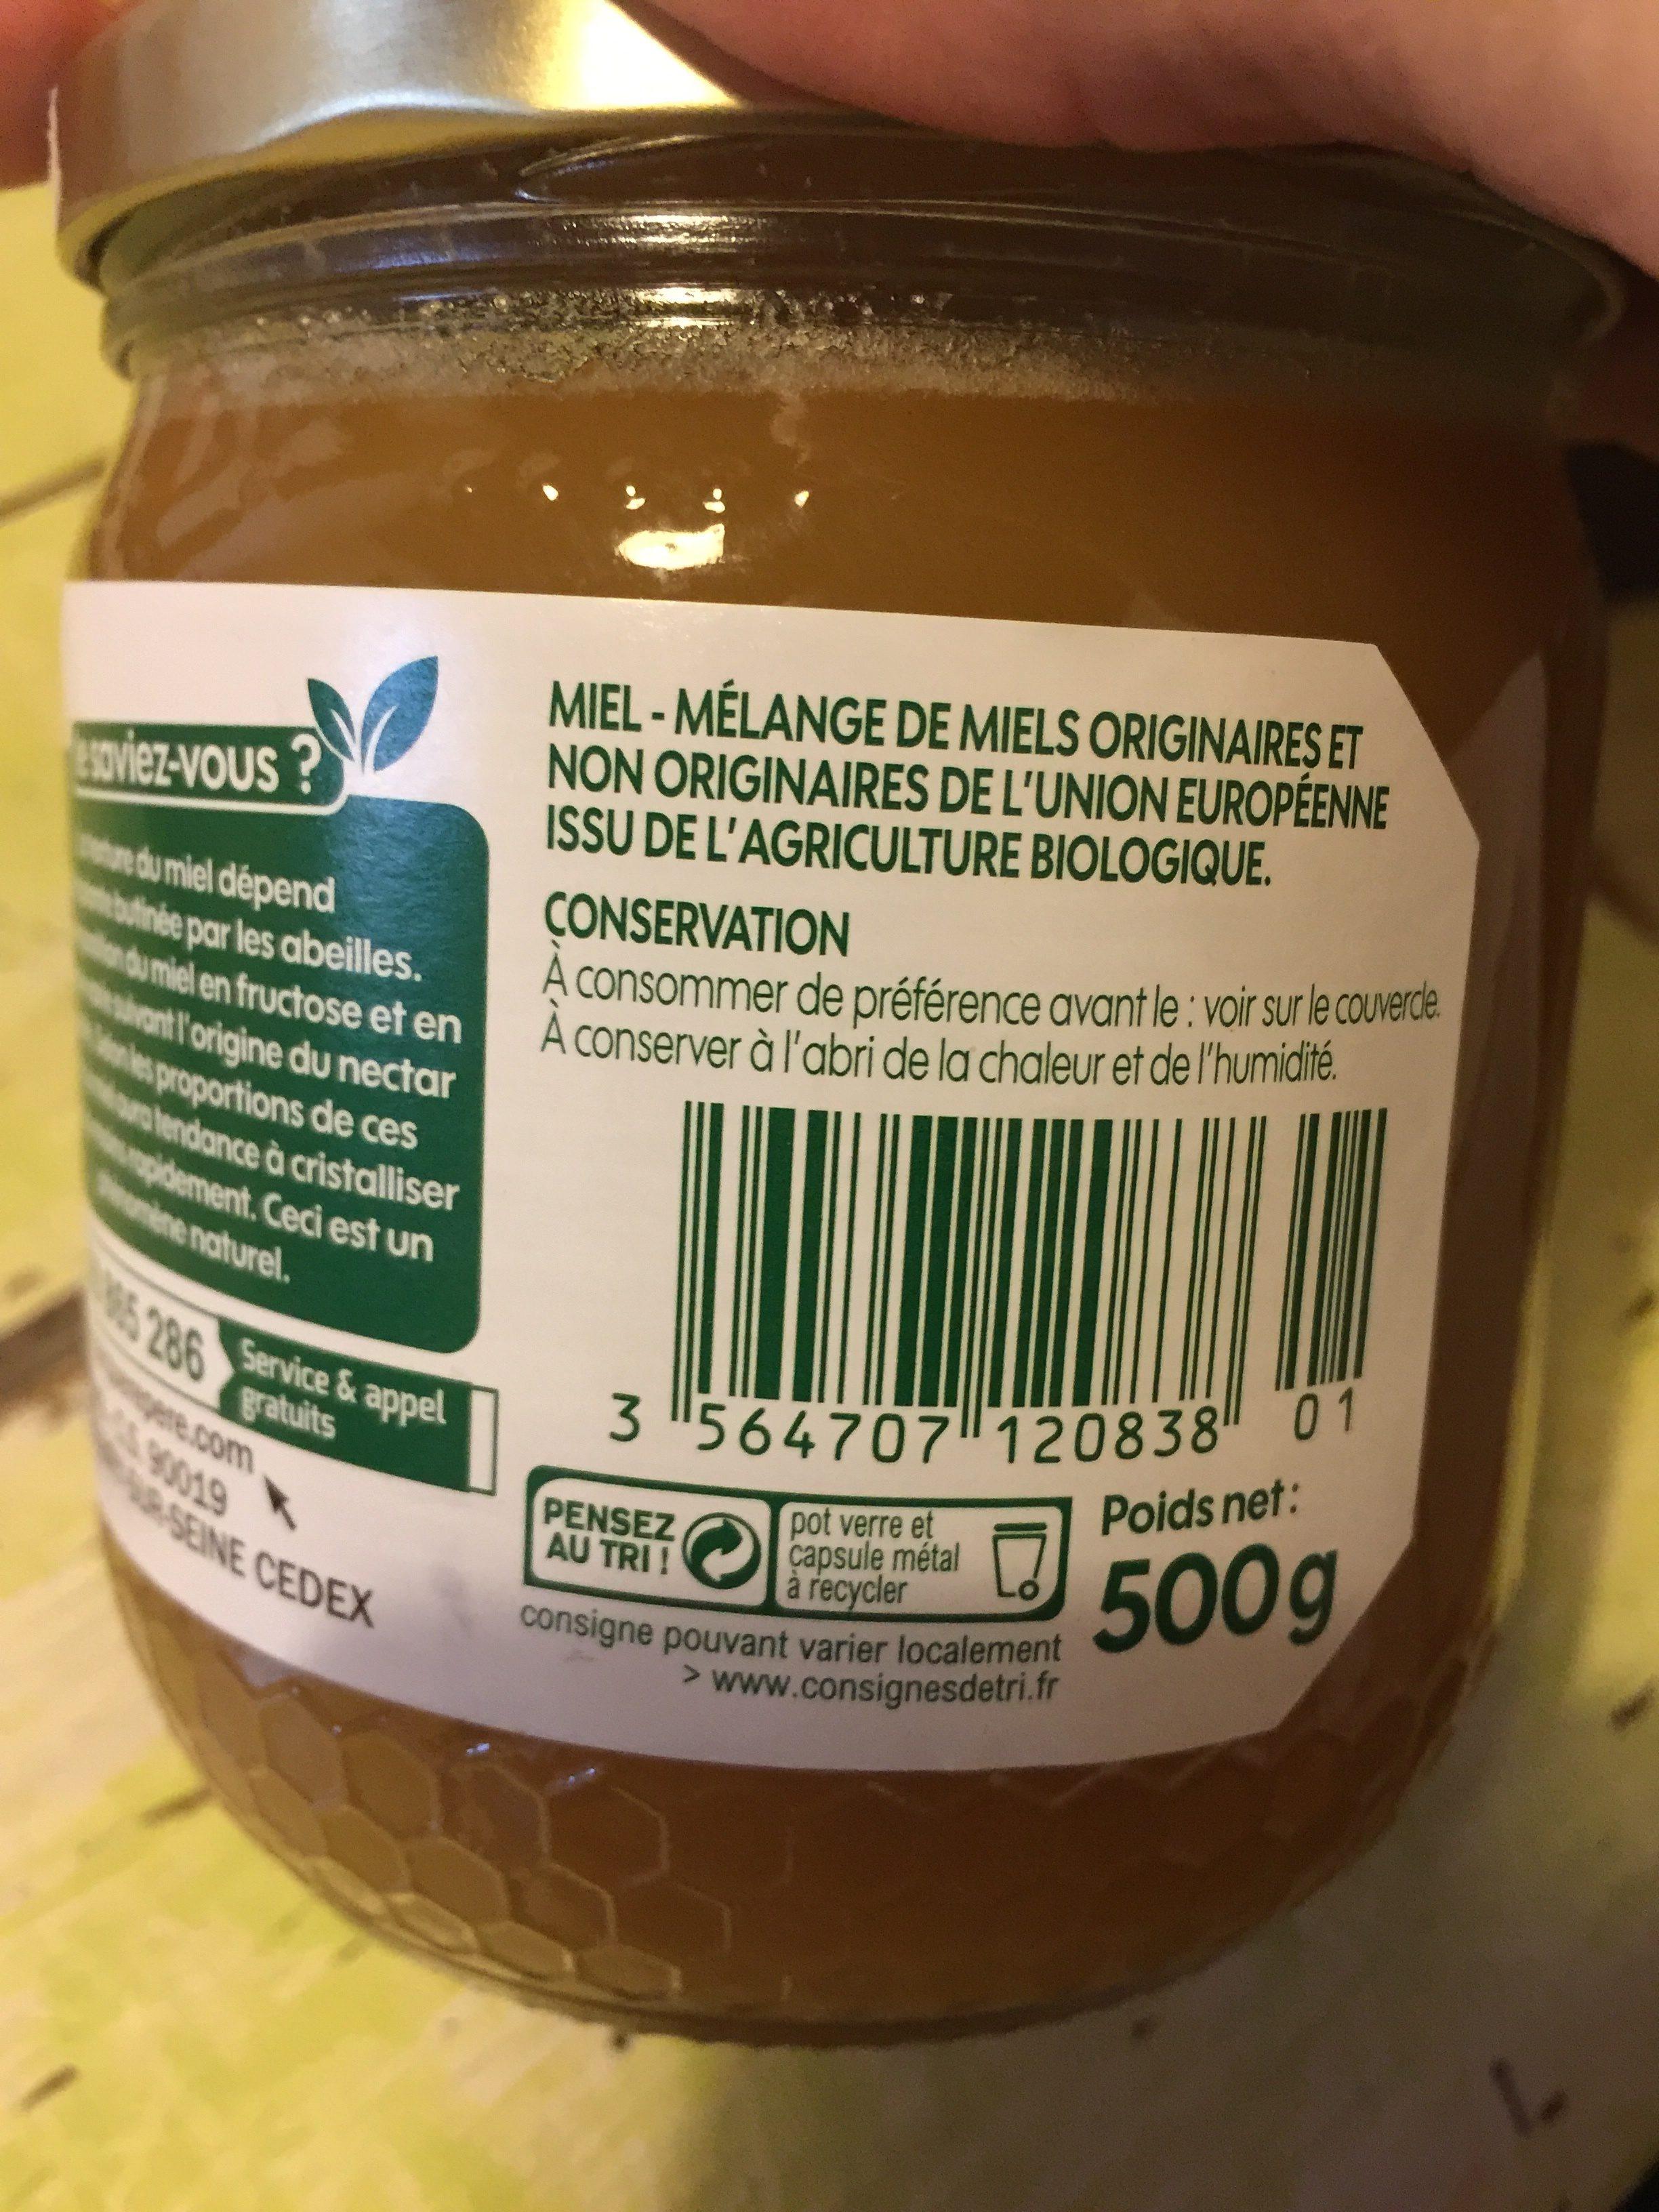 Miel cremeux de fleurs - Ingredients